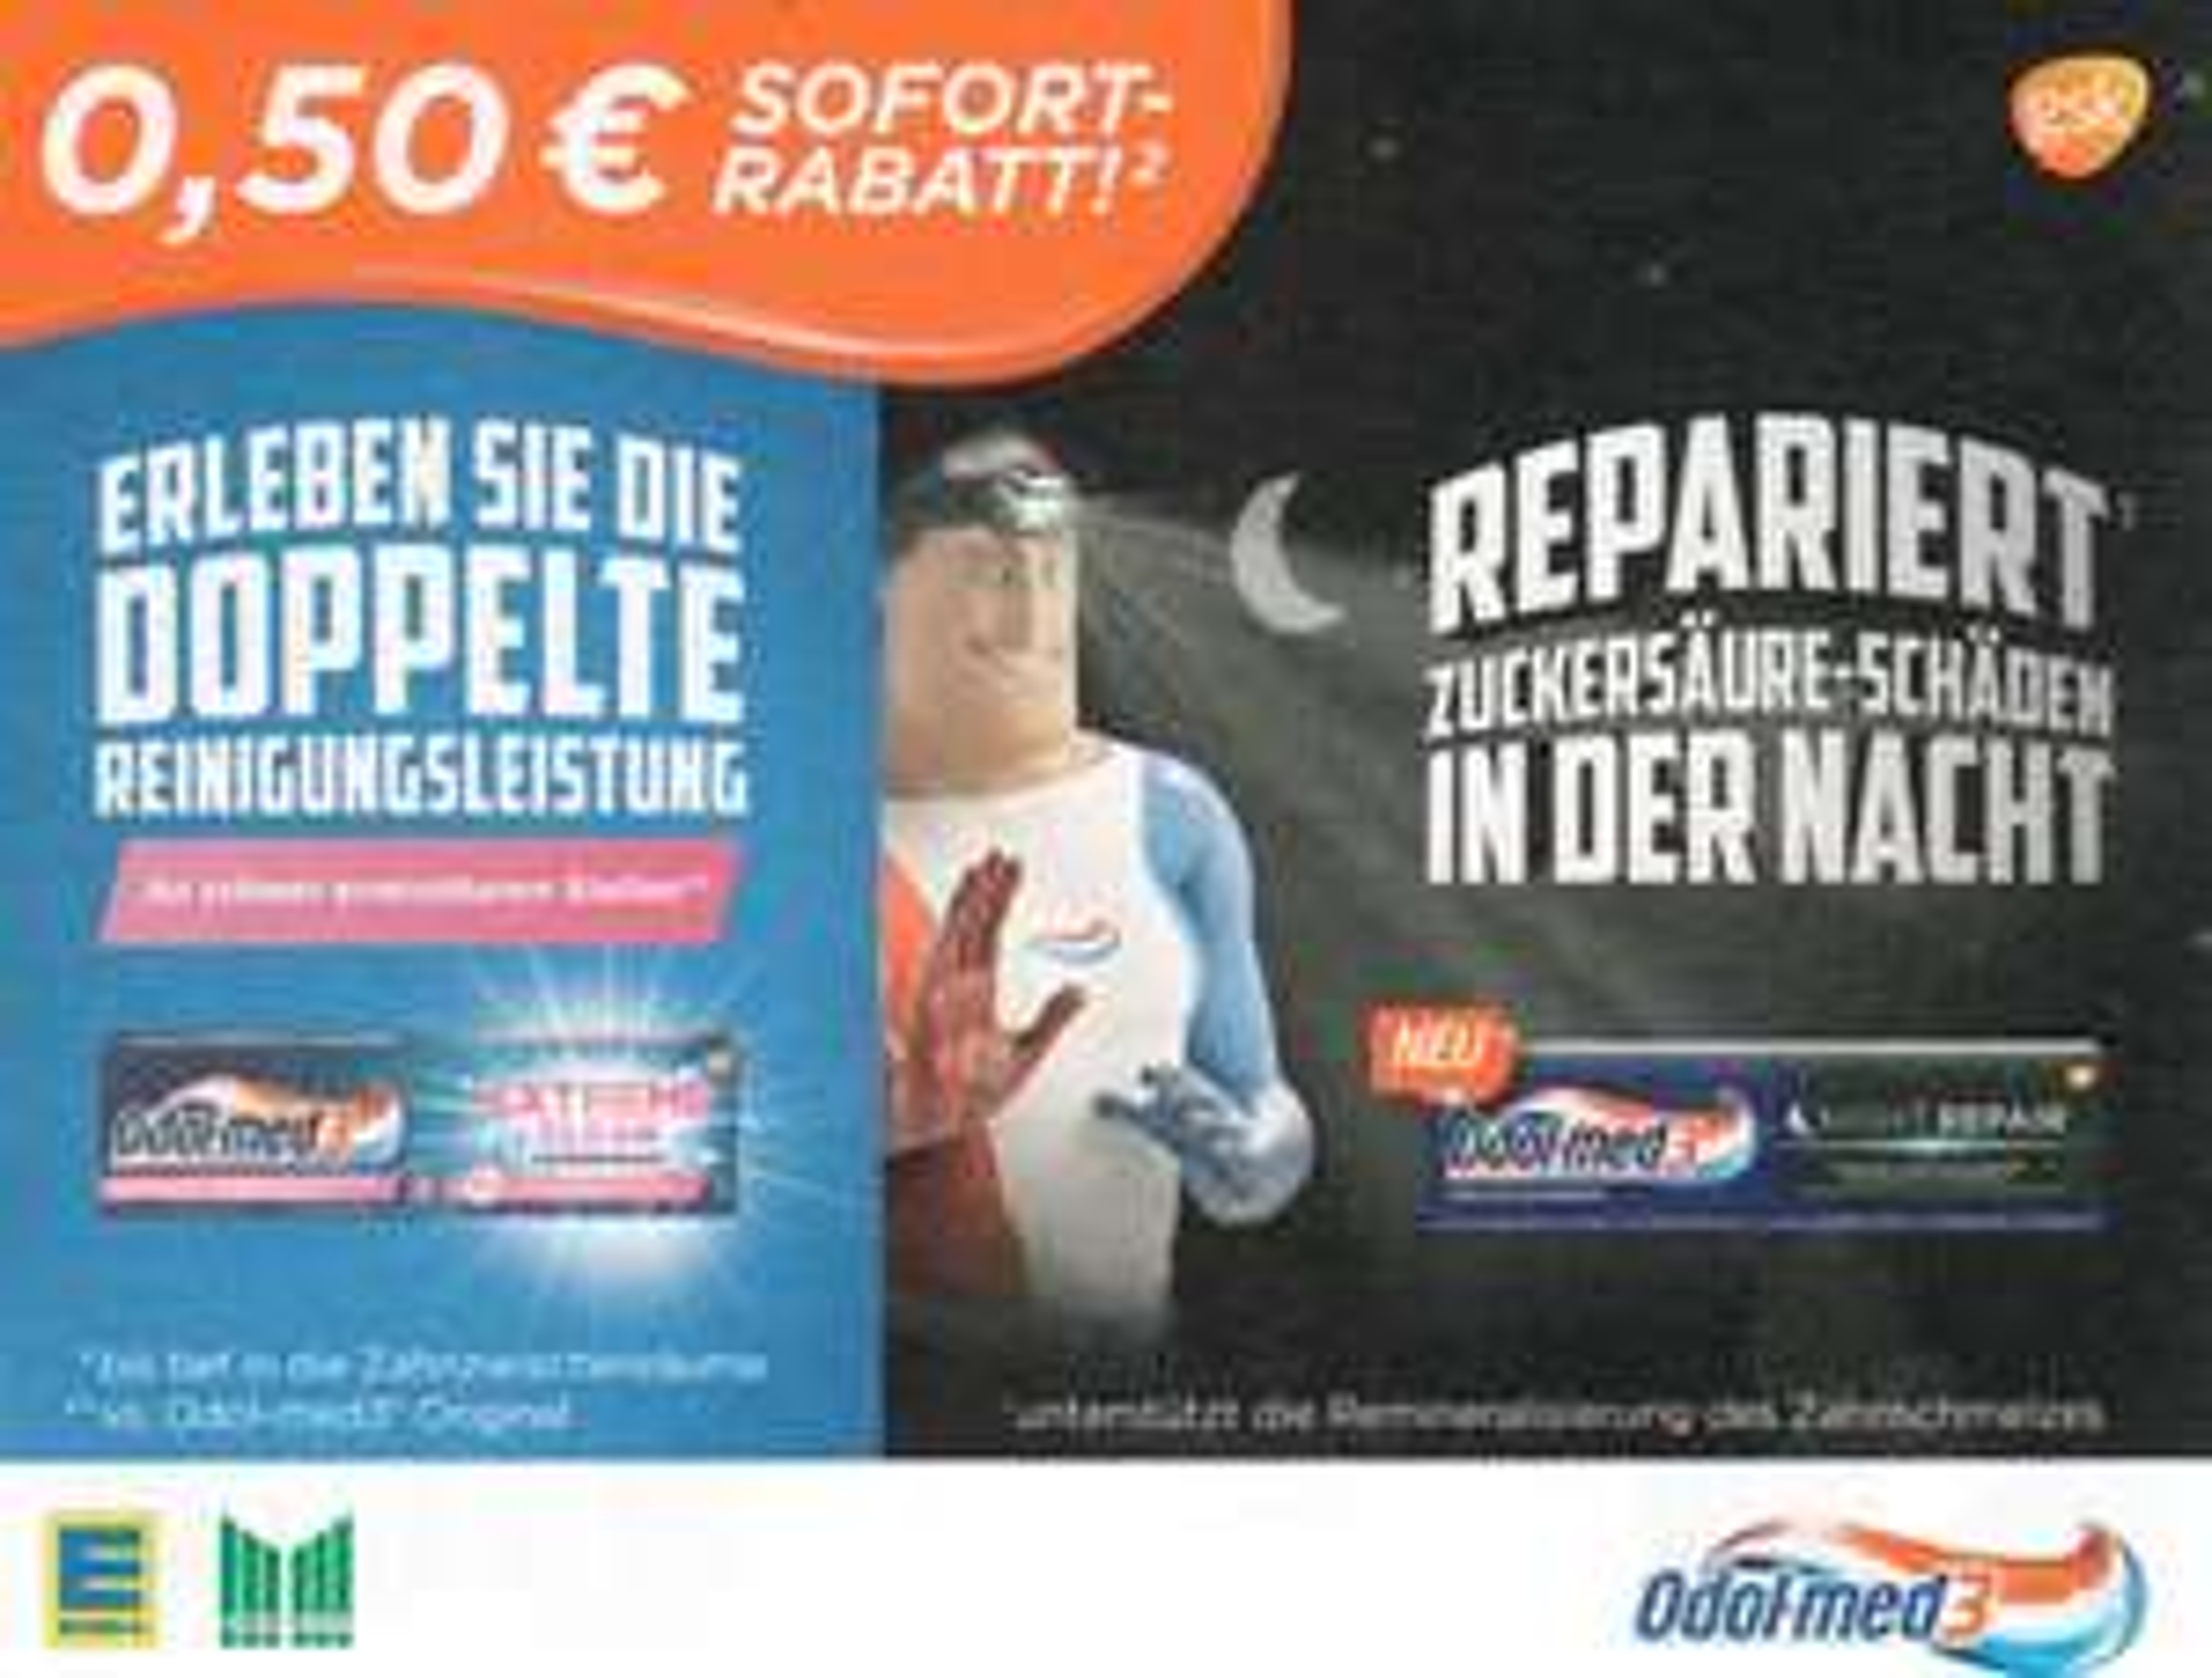 0,50€ Sofort-Rabatt-Coupon für Odol-med3 Extreme Clean bzw. Night Repair versch. Sorten bis 31.03.2018 [Edeka+Marktkauf]